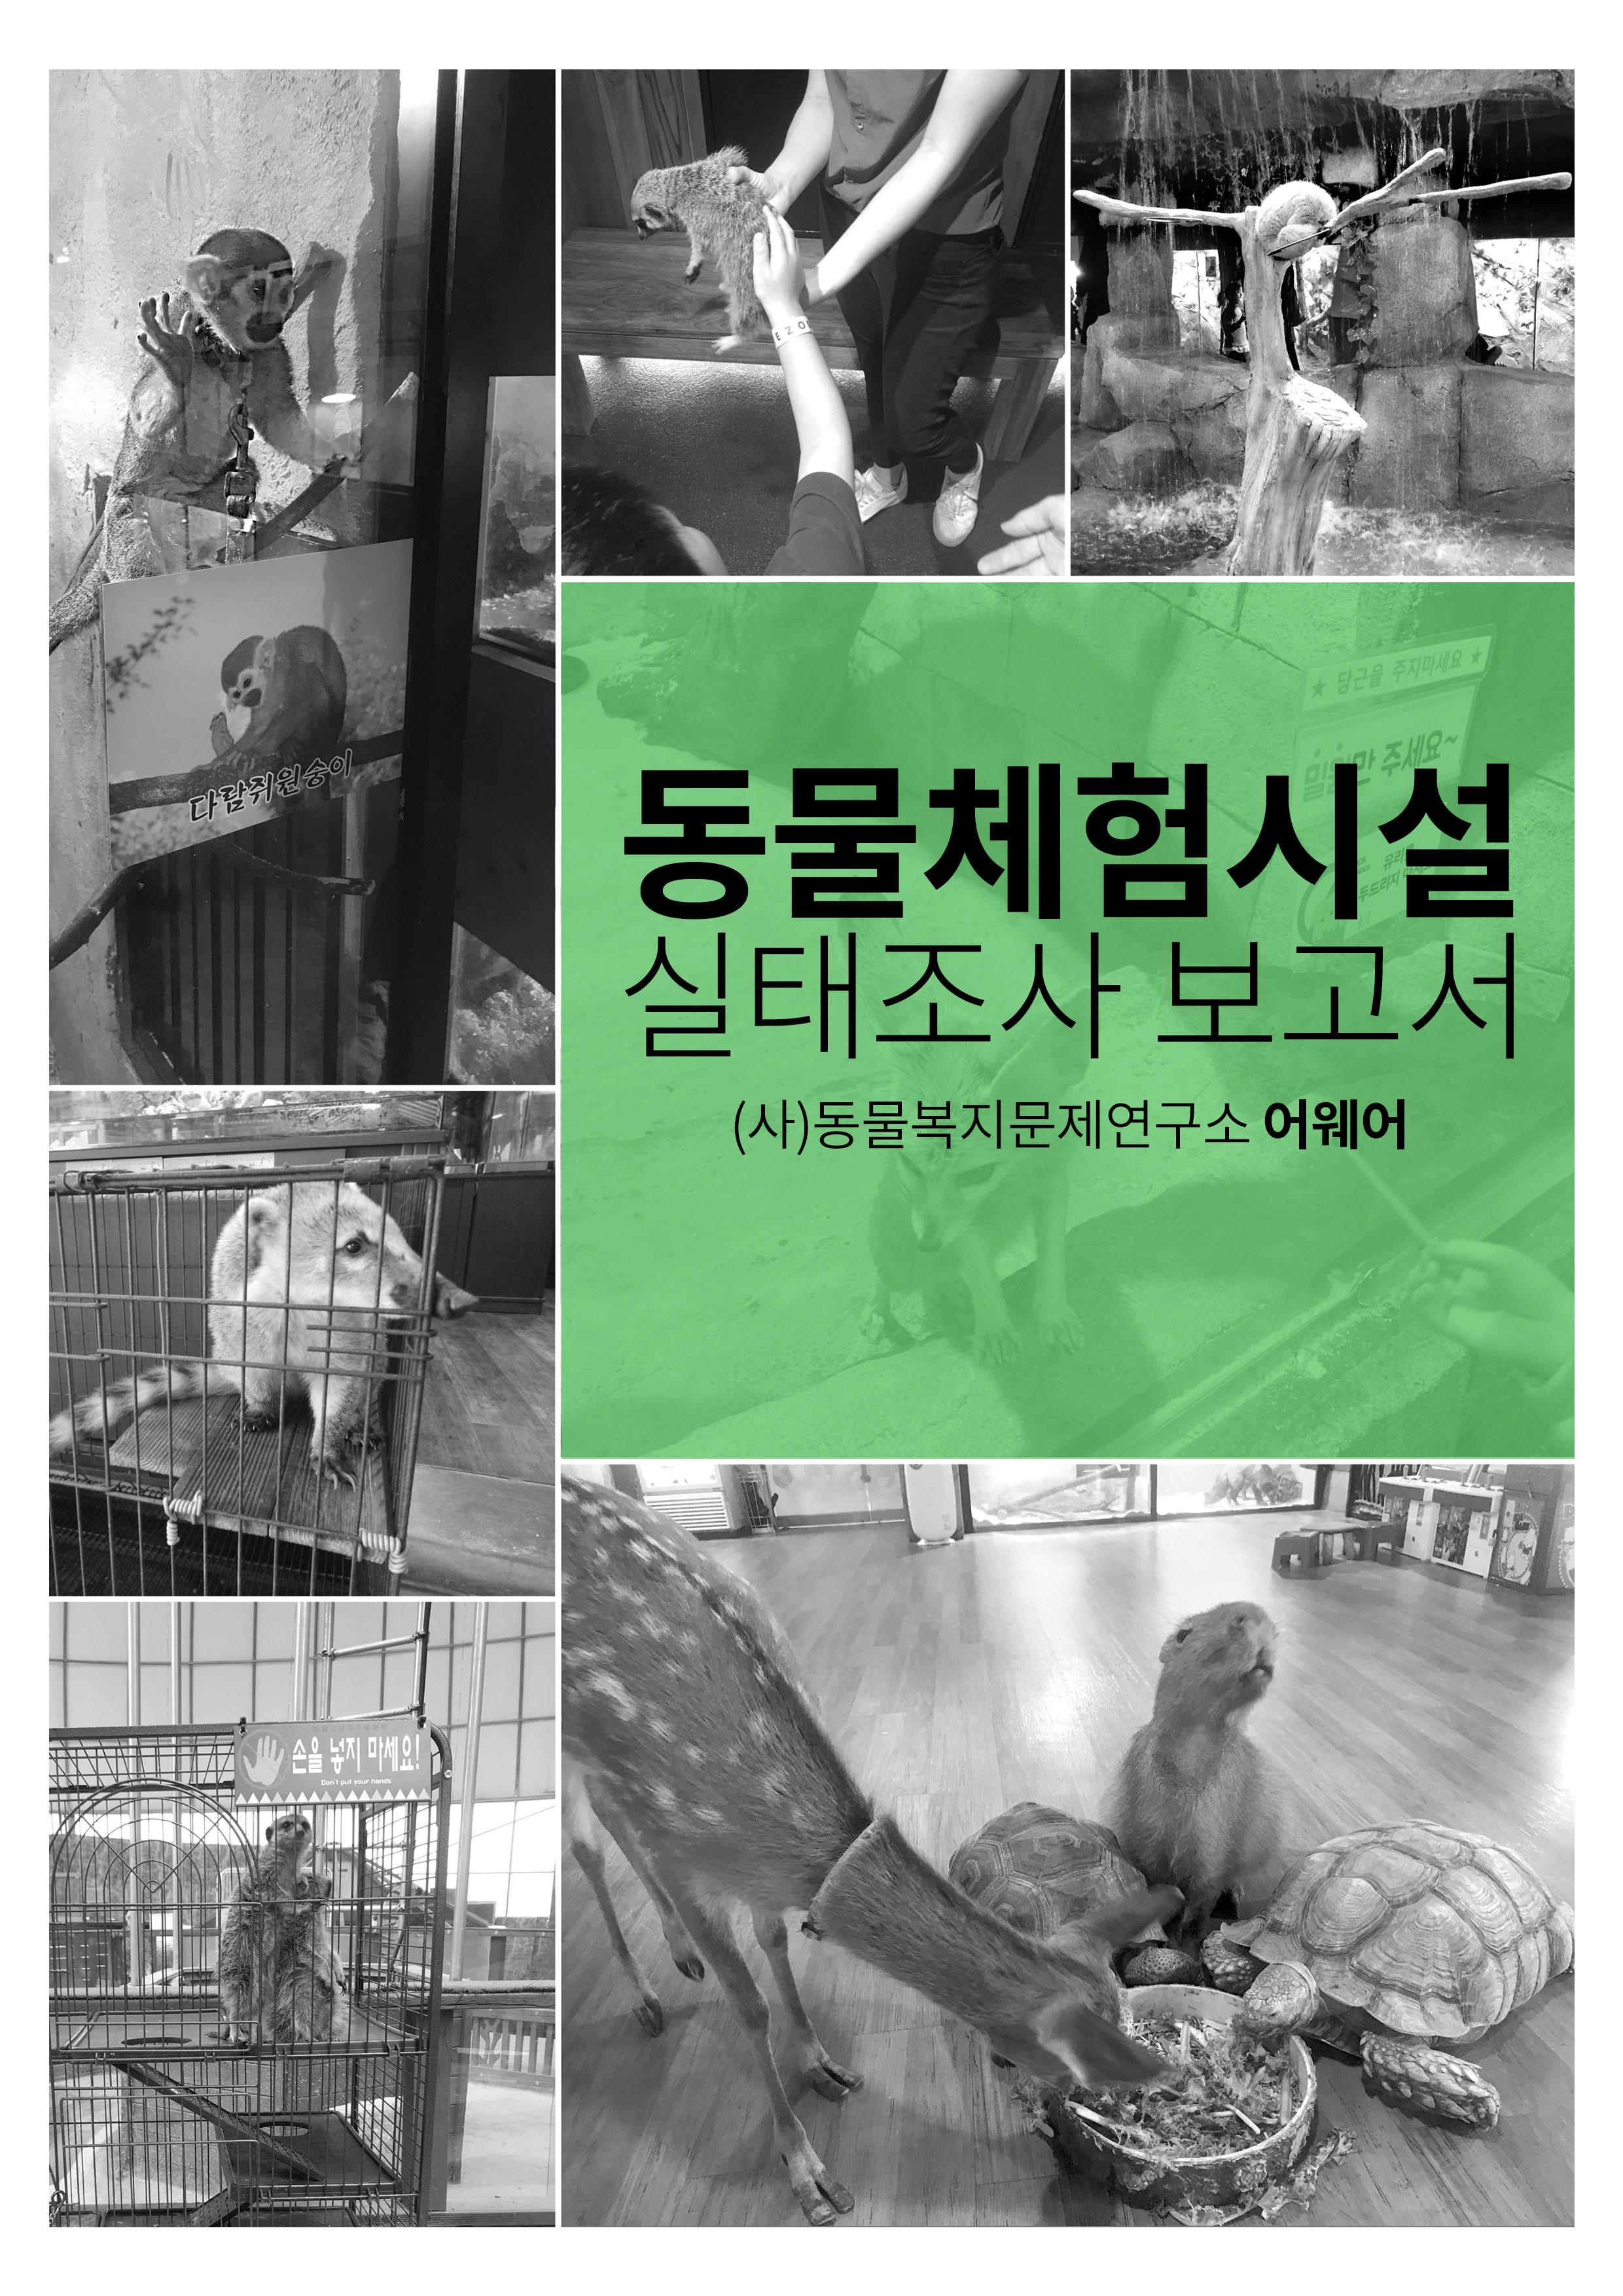 동물체험시설 실태조사 보고서 다운로드